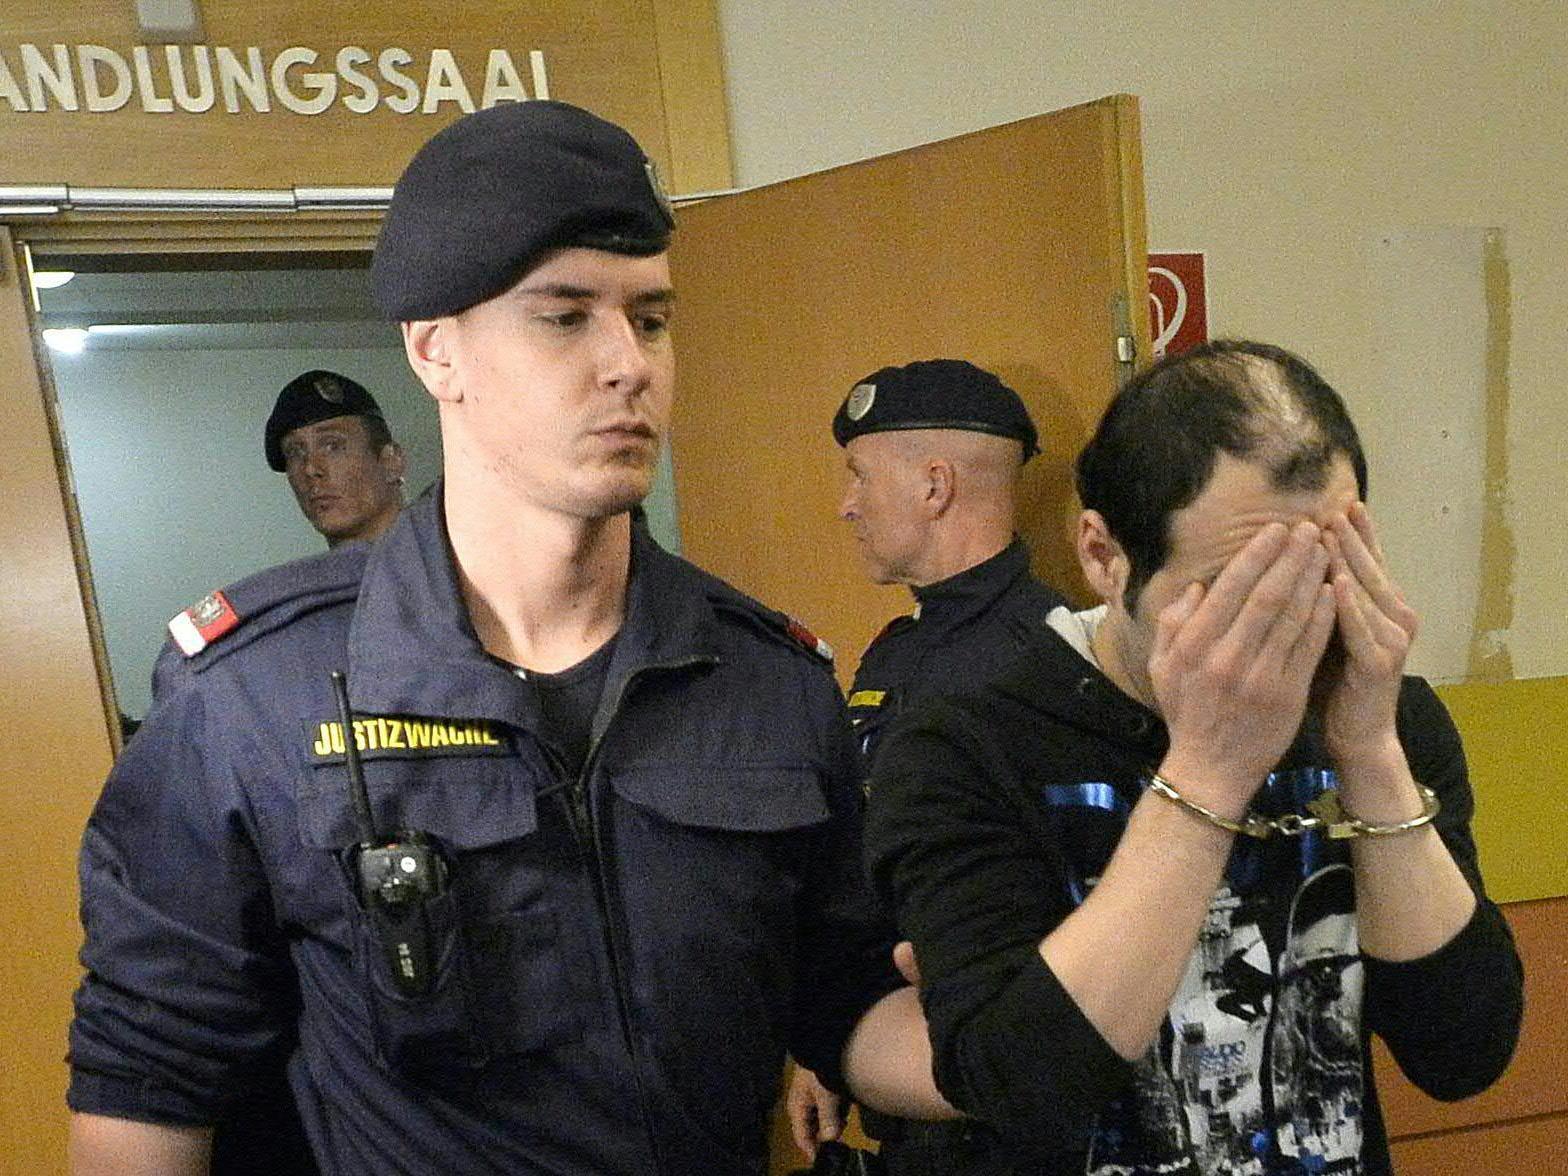 Am Dienstag startete der Prozess um die Gruppenvergewaltigung.